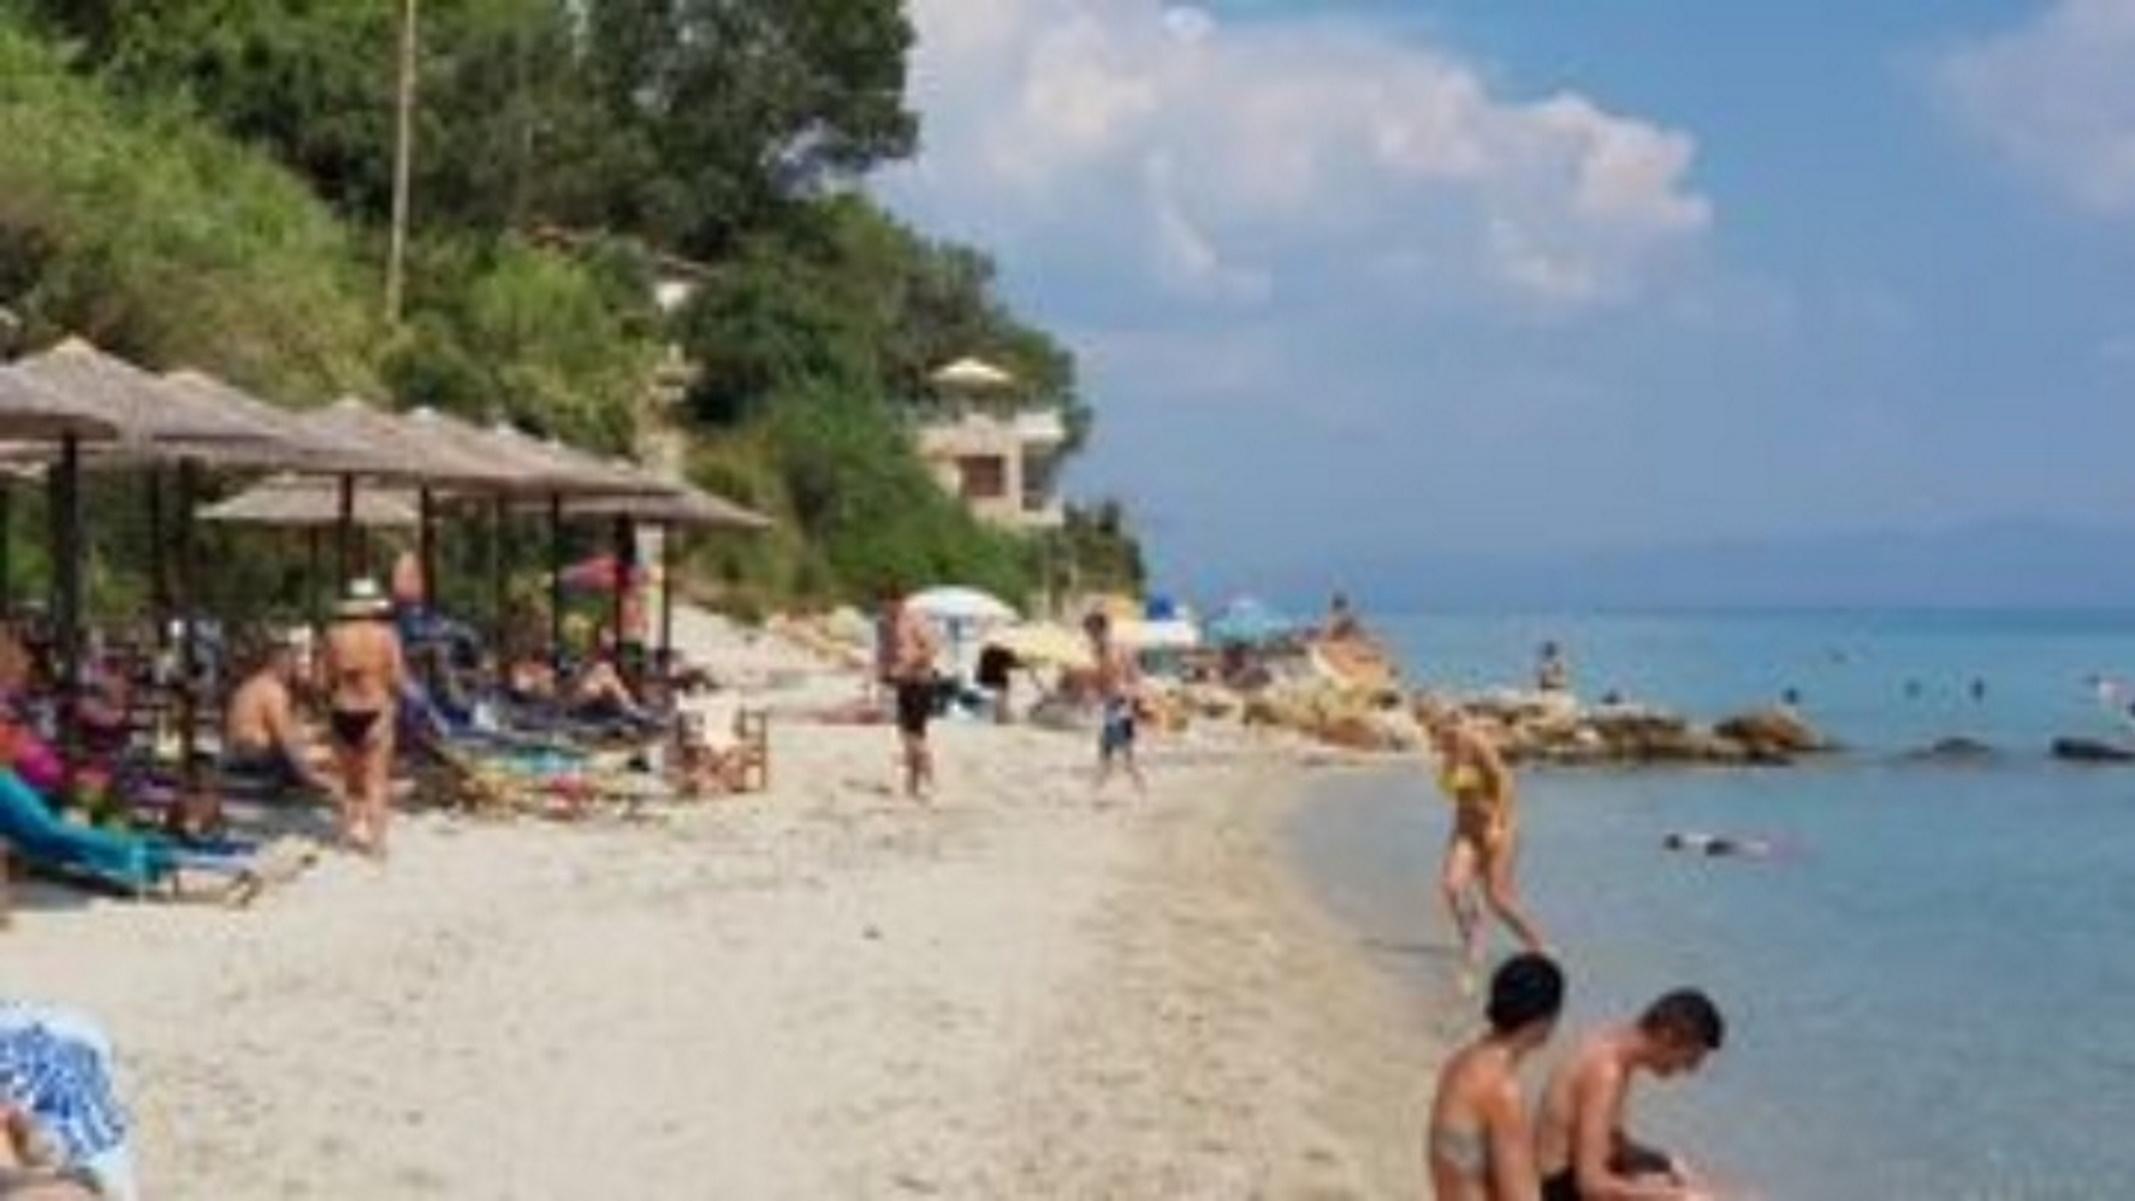 Καιρός – Κρήτη: Κυριακή του Πάσχα με θερμοκρασίες Δεκαπενταύγουστου